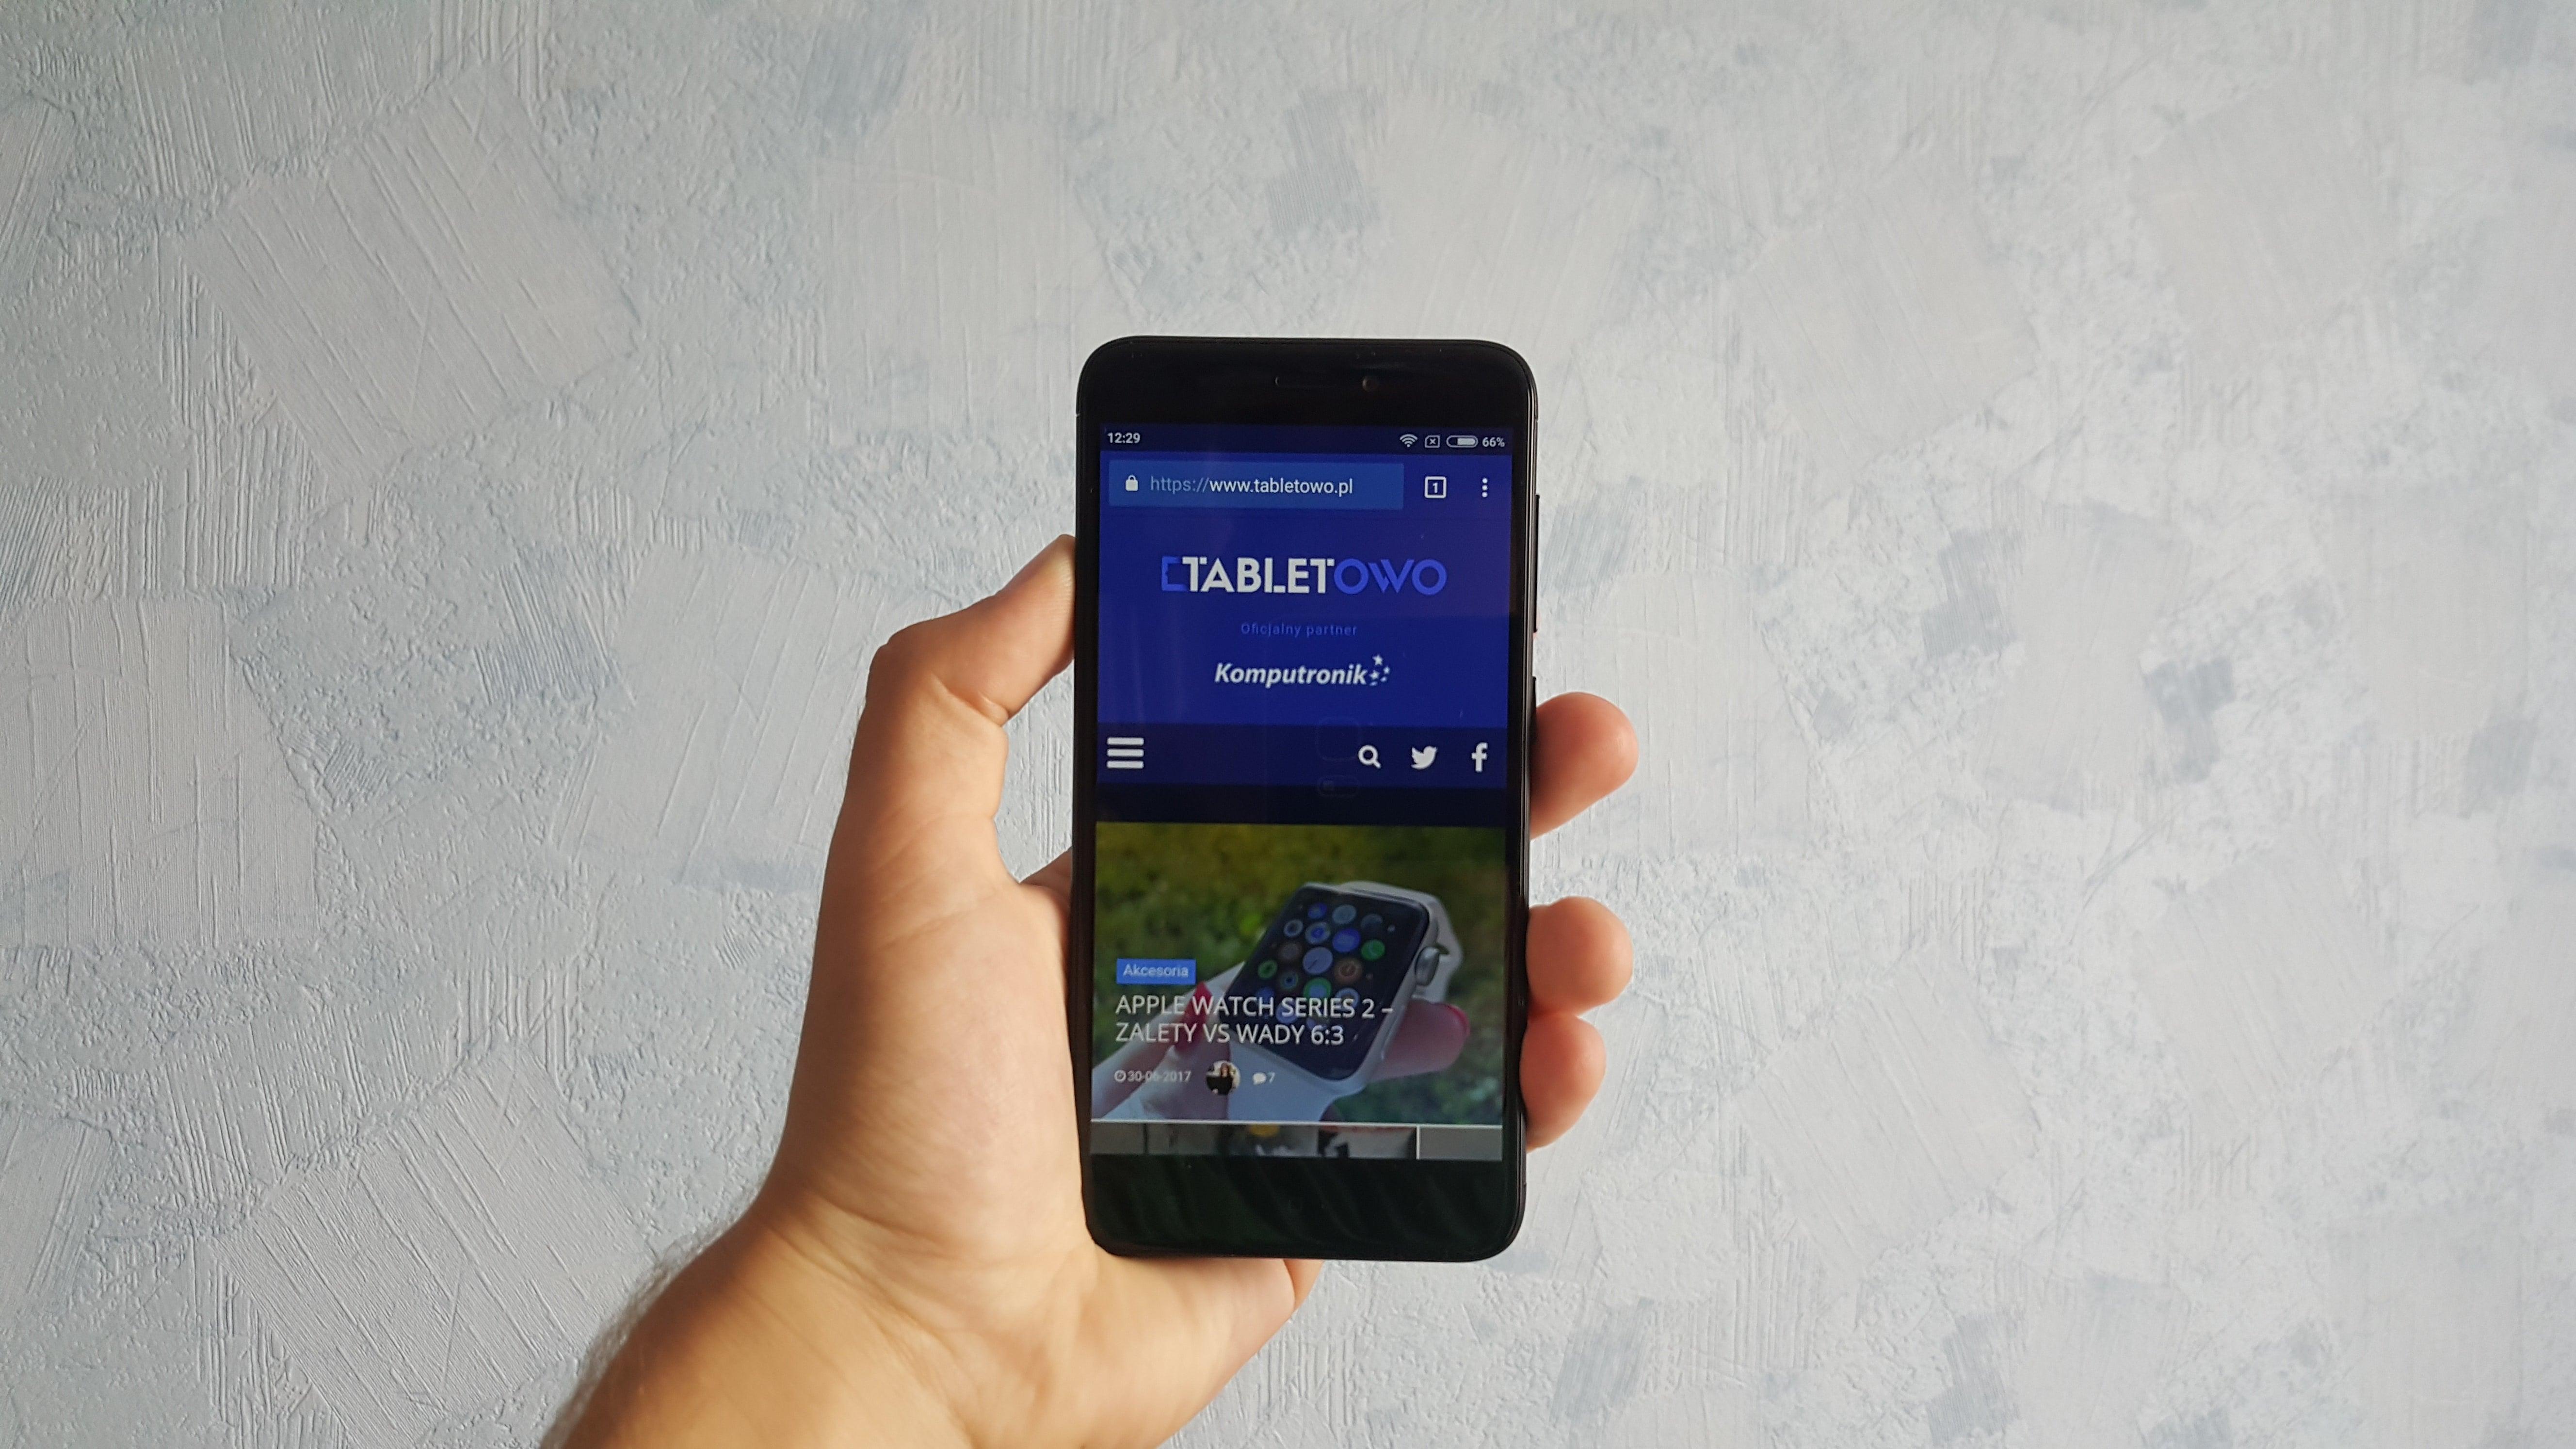 Tabletowo Co potrafi Xiaomi Redmi 4X zaczynamy testy Android Smartfony Xiaomi Zapowiedzi